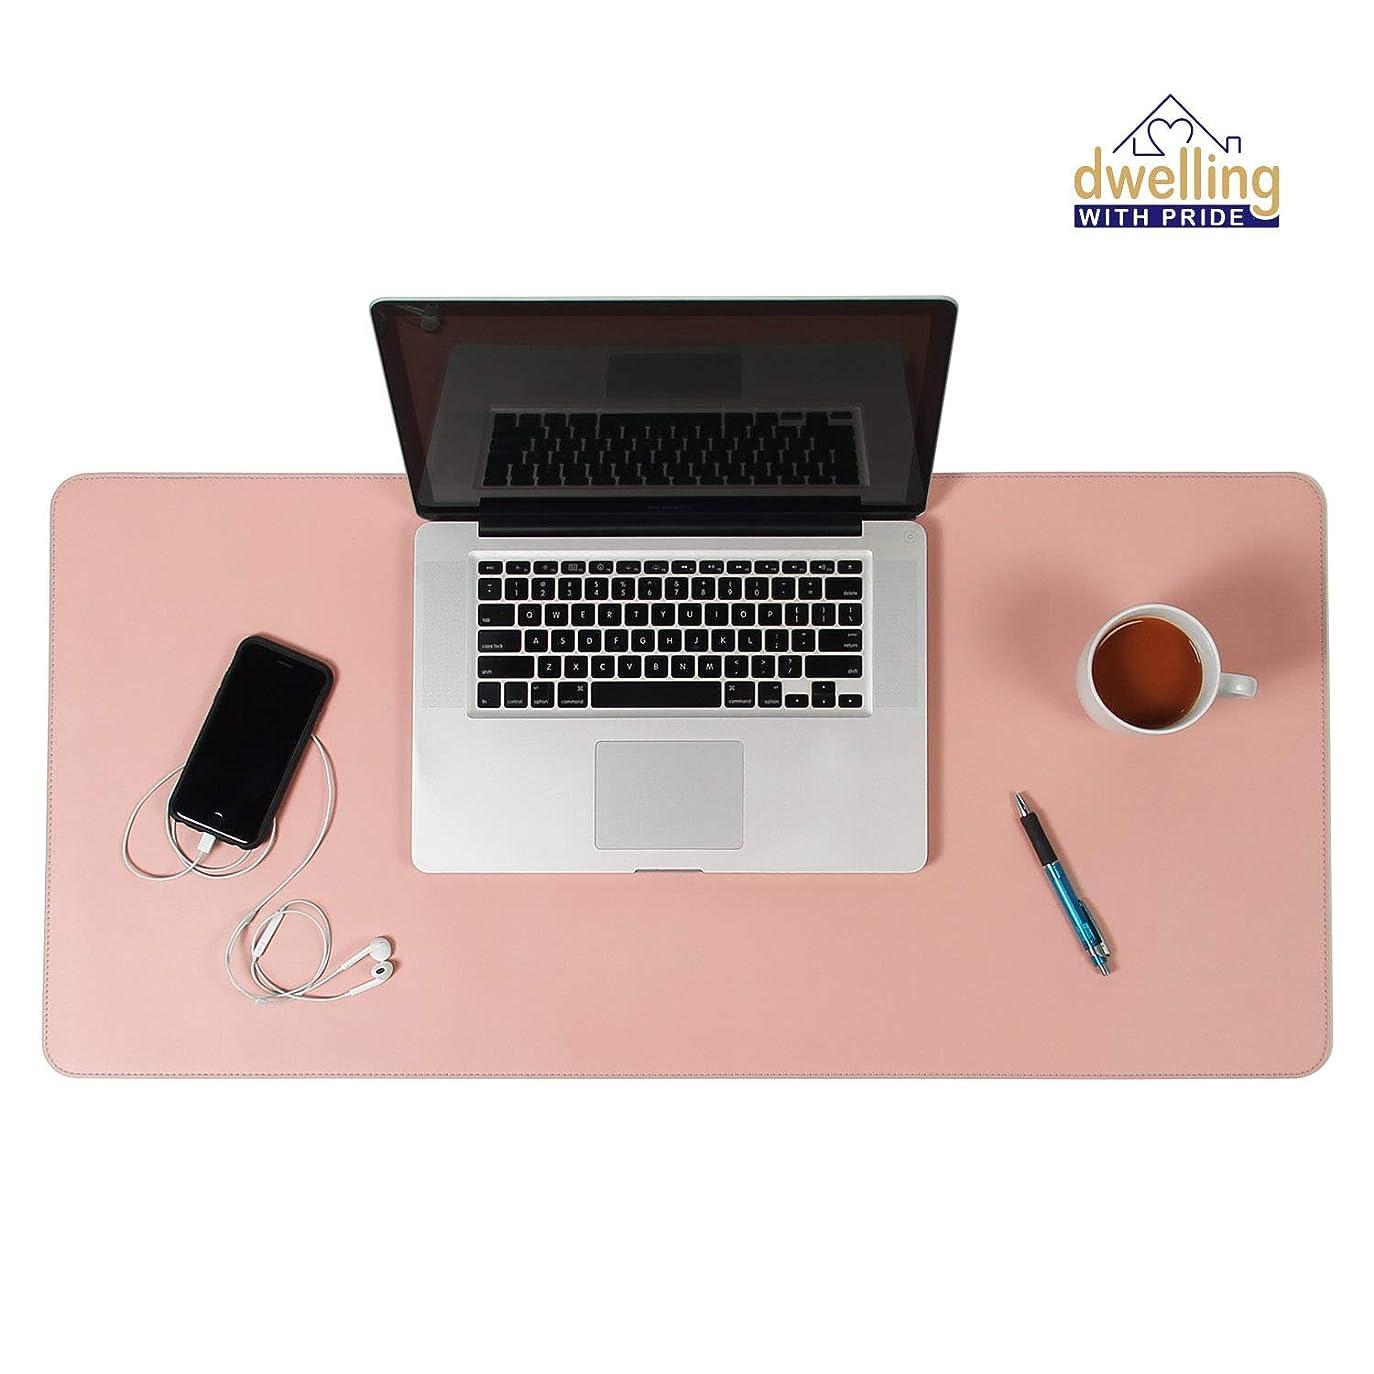 織機男らしさ不愉快デスクマット ピンク&ブルー 17x36 | コンピュータ ノートパソコン キーボード & マウスパッドオーガナイザー | レザーカバー オフィステーブルプロテクター | 両面ゲーム面 カラー付き | タイピング&ライティングアクセサリー